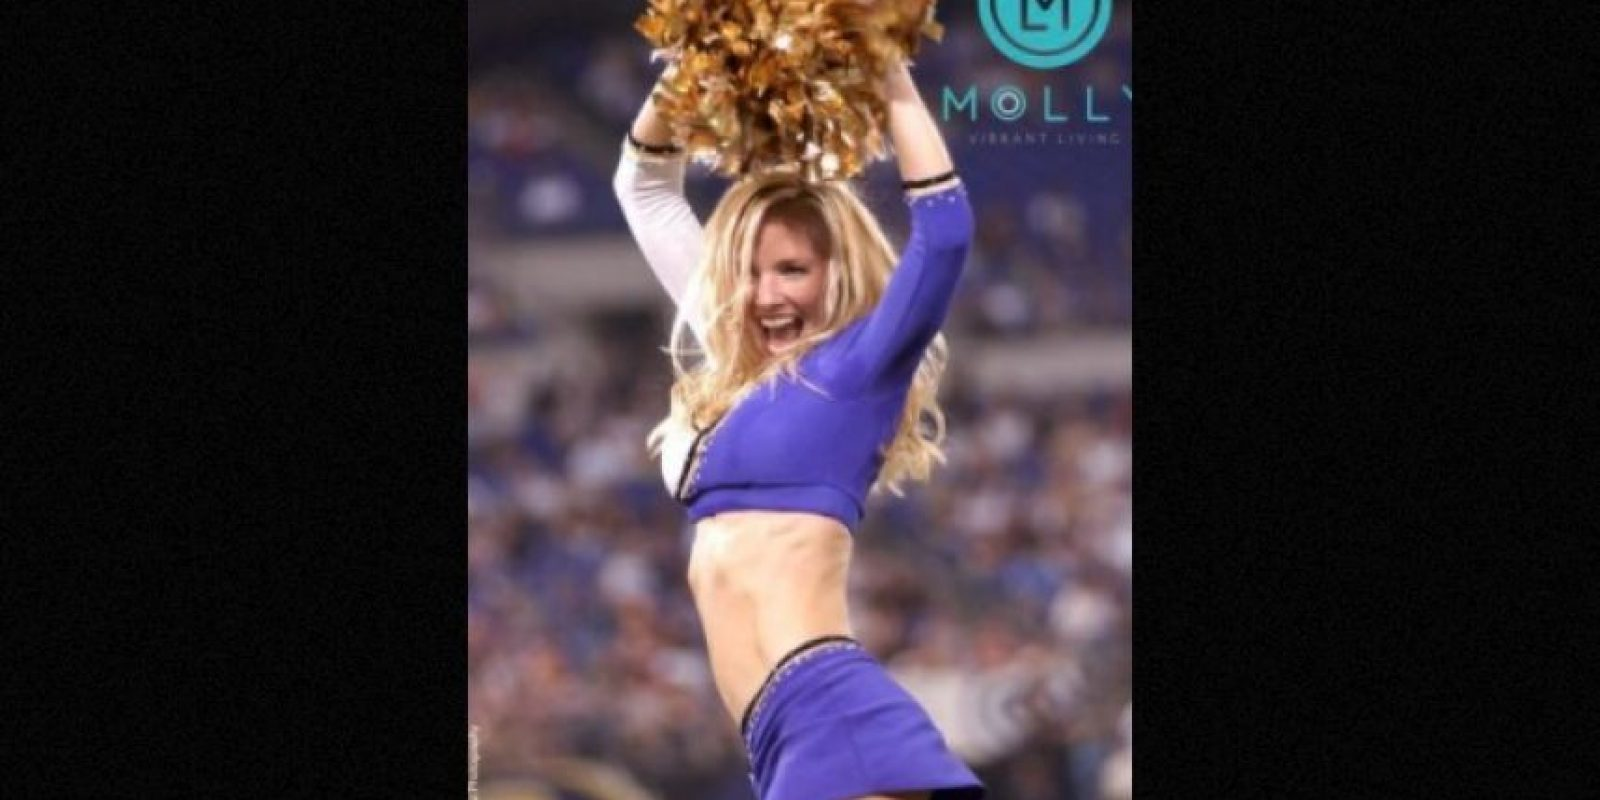 Fue acusada de tener relaciones sexuales con un menor de 15 años Foto:Vía MollyShattuck.com